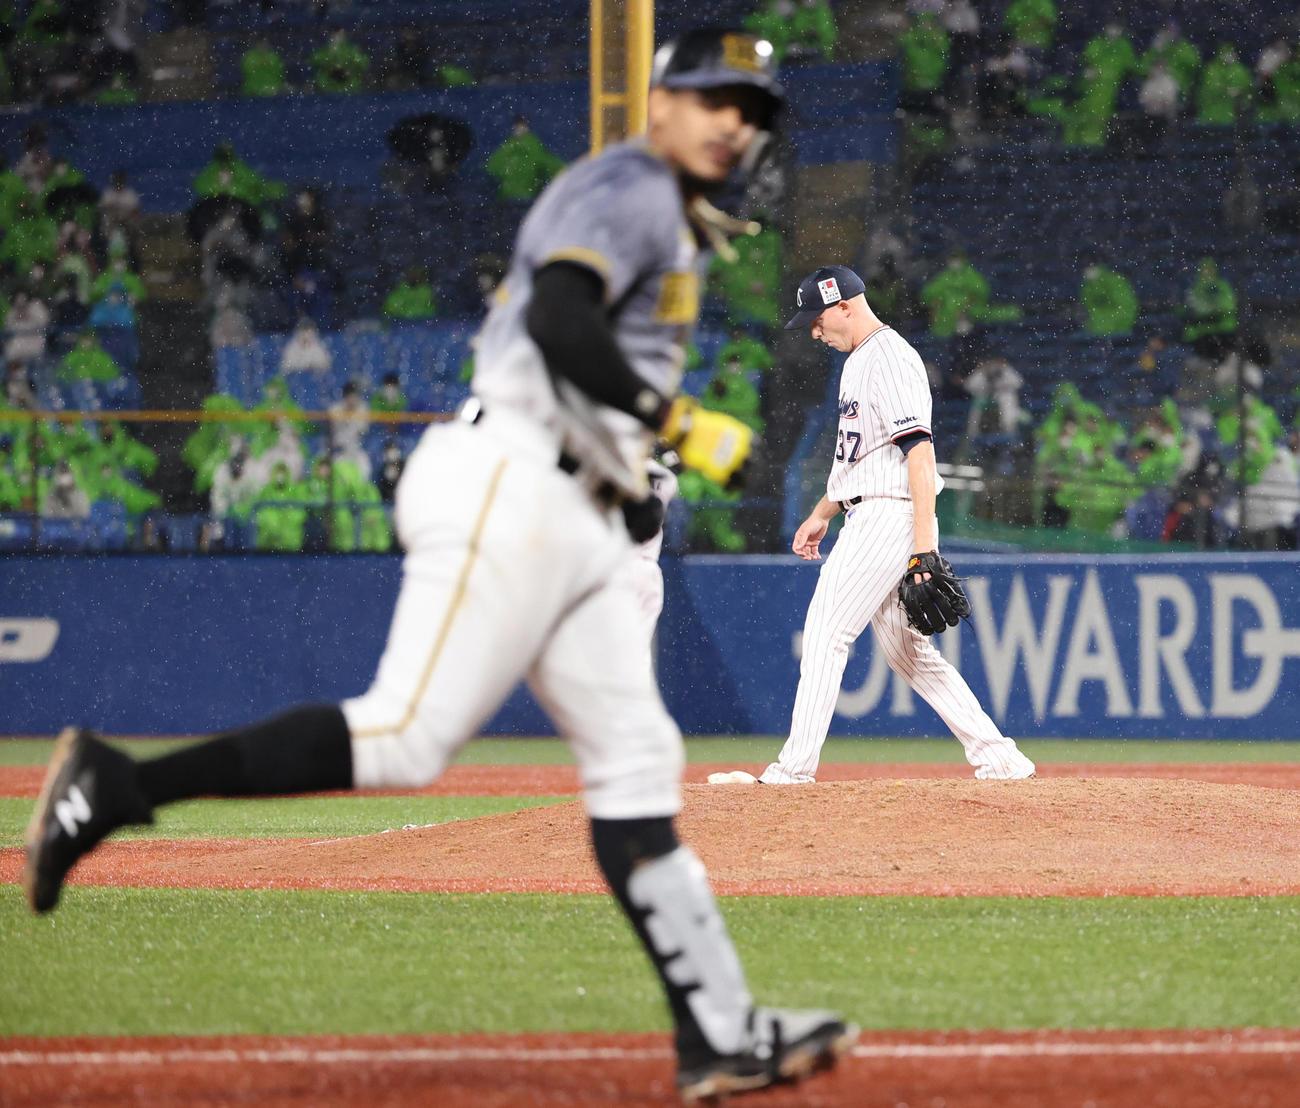 ヤクルト対阪神 9回表阪神1死一、二塁、マルテに左越え同点3点本塁打を浴びるヤクルトマクガフ(撮影・清水貴仁)